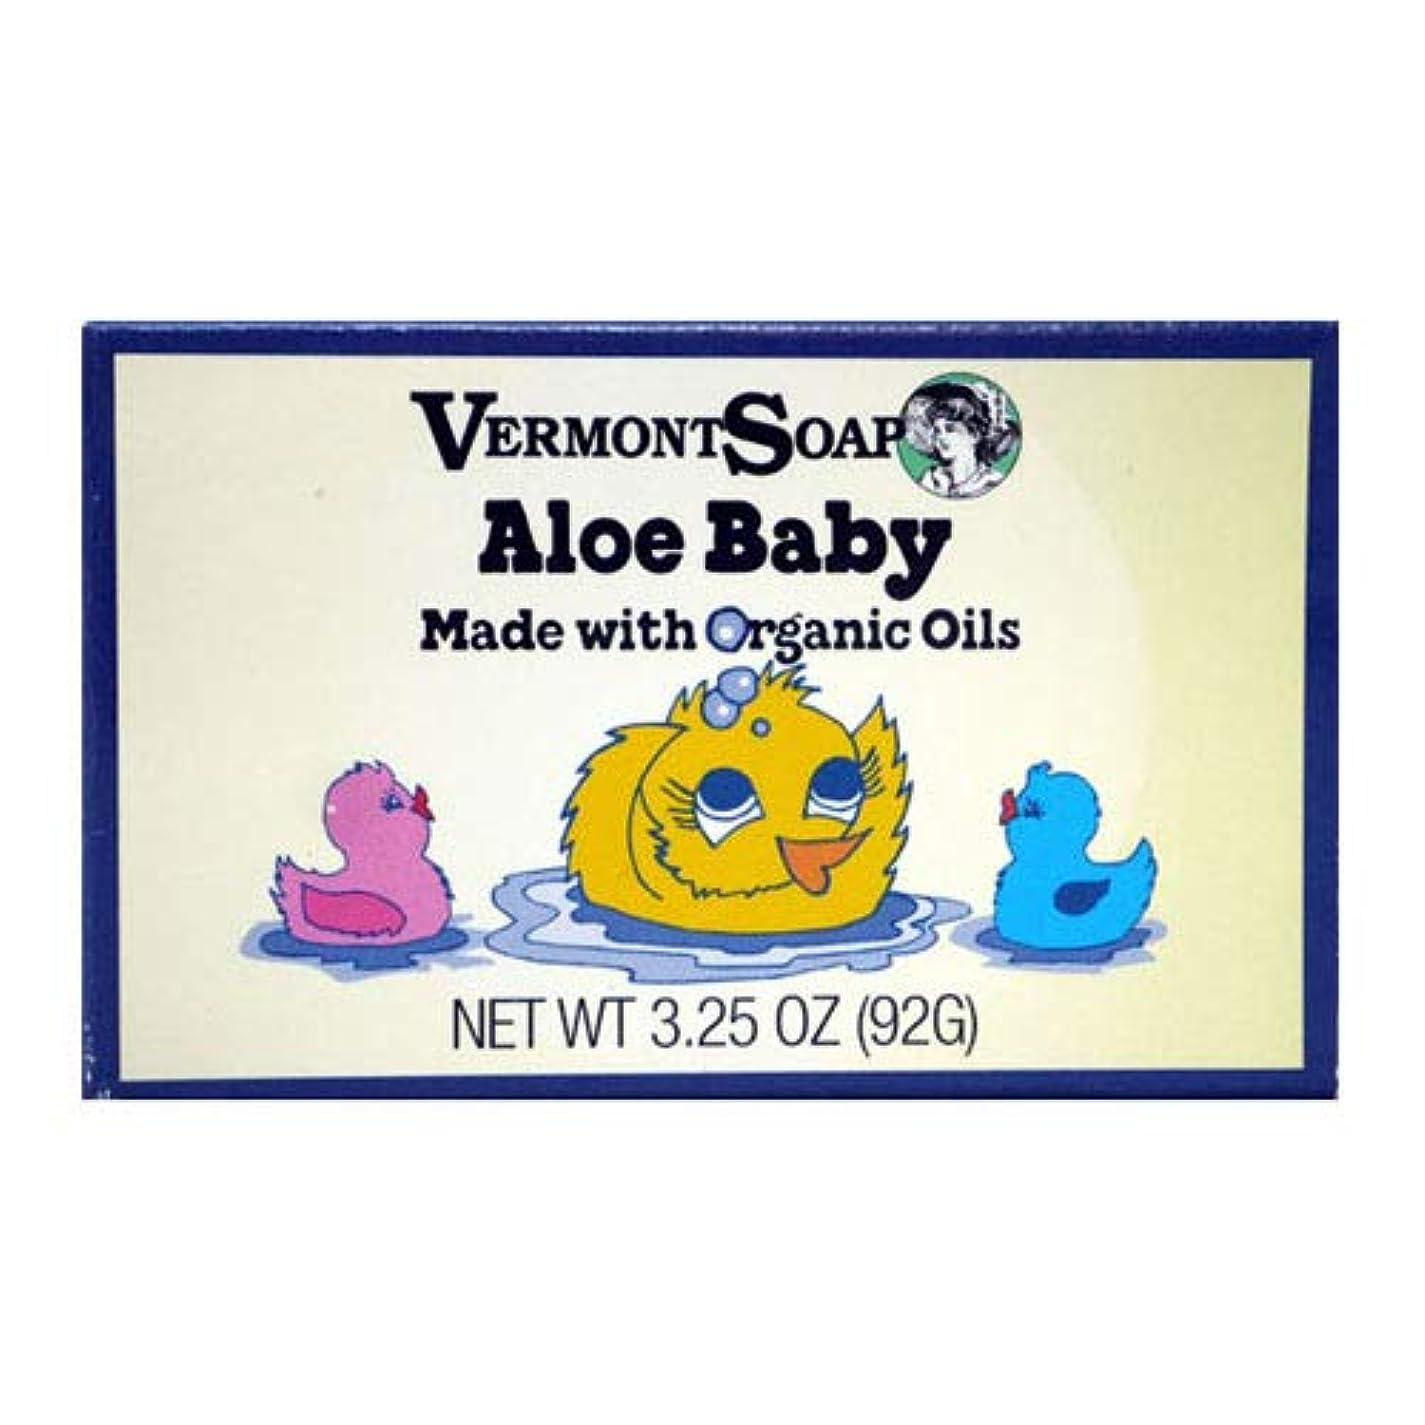 レンチ拷問塊VermontSoap バーモントカントリーソープ (アロエベビー) 92g オーガニック石けん 洗顔 ボディー